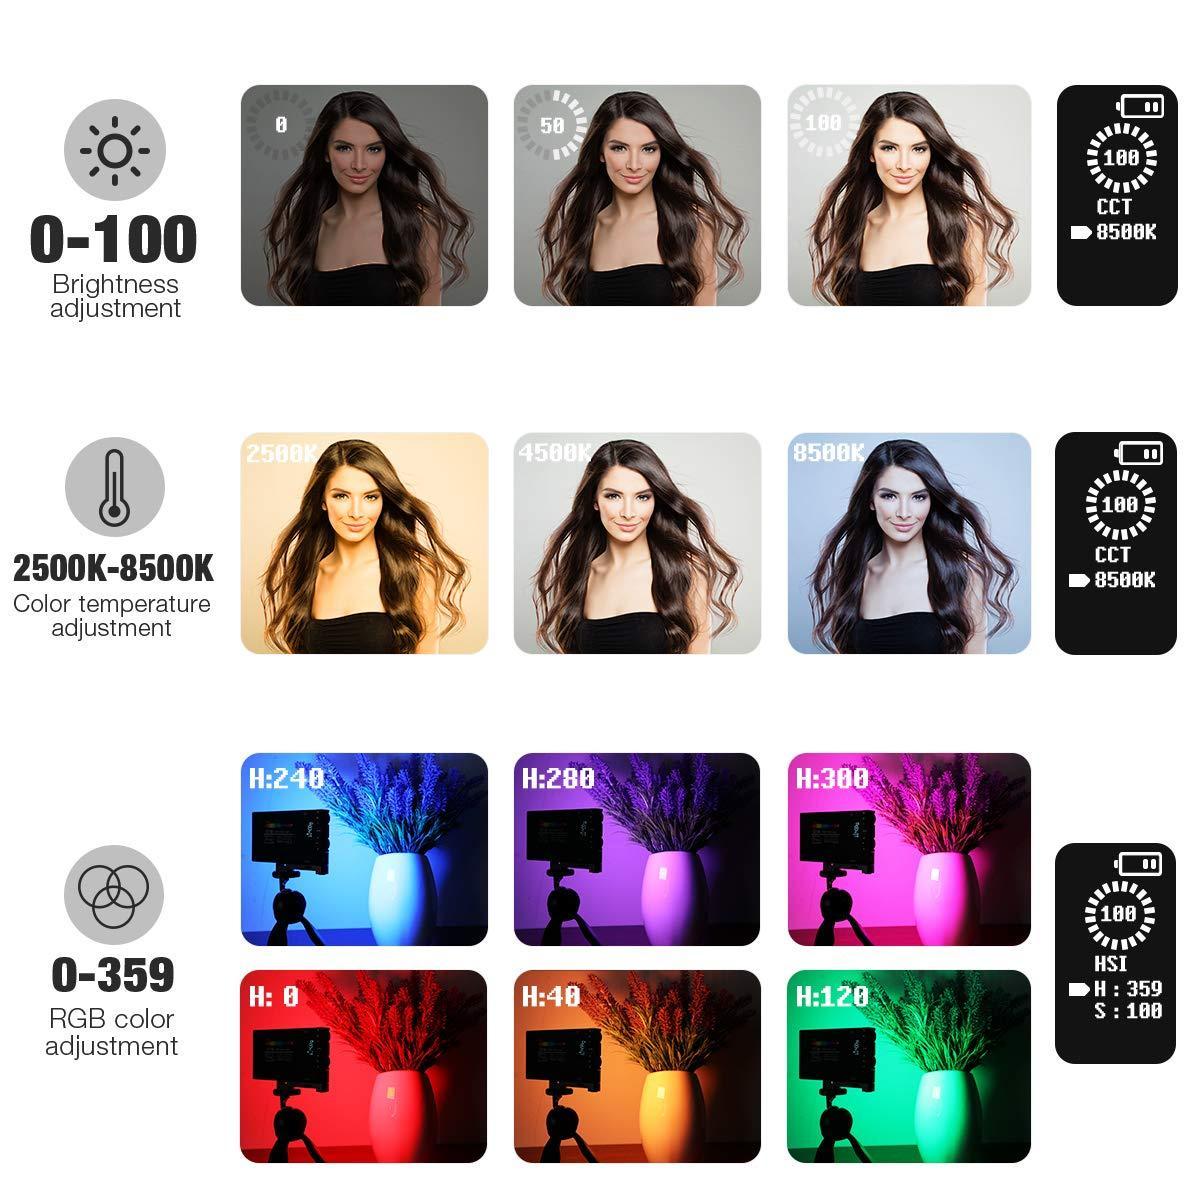 UV DEL wf-501b 365 Presque comme neuf Violette décoré lampe de poche 18650 /_ HO w0 WG